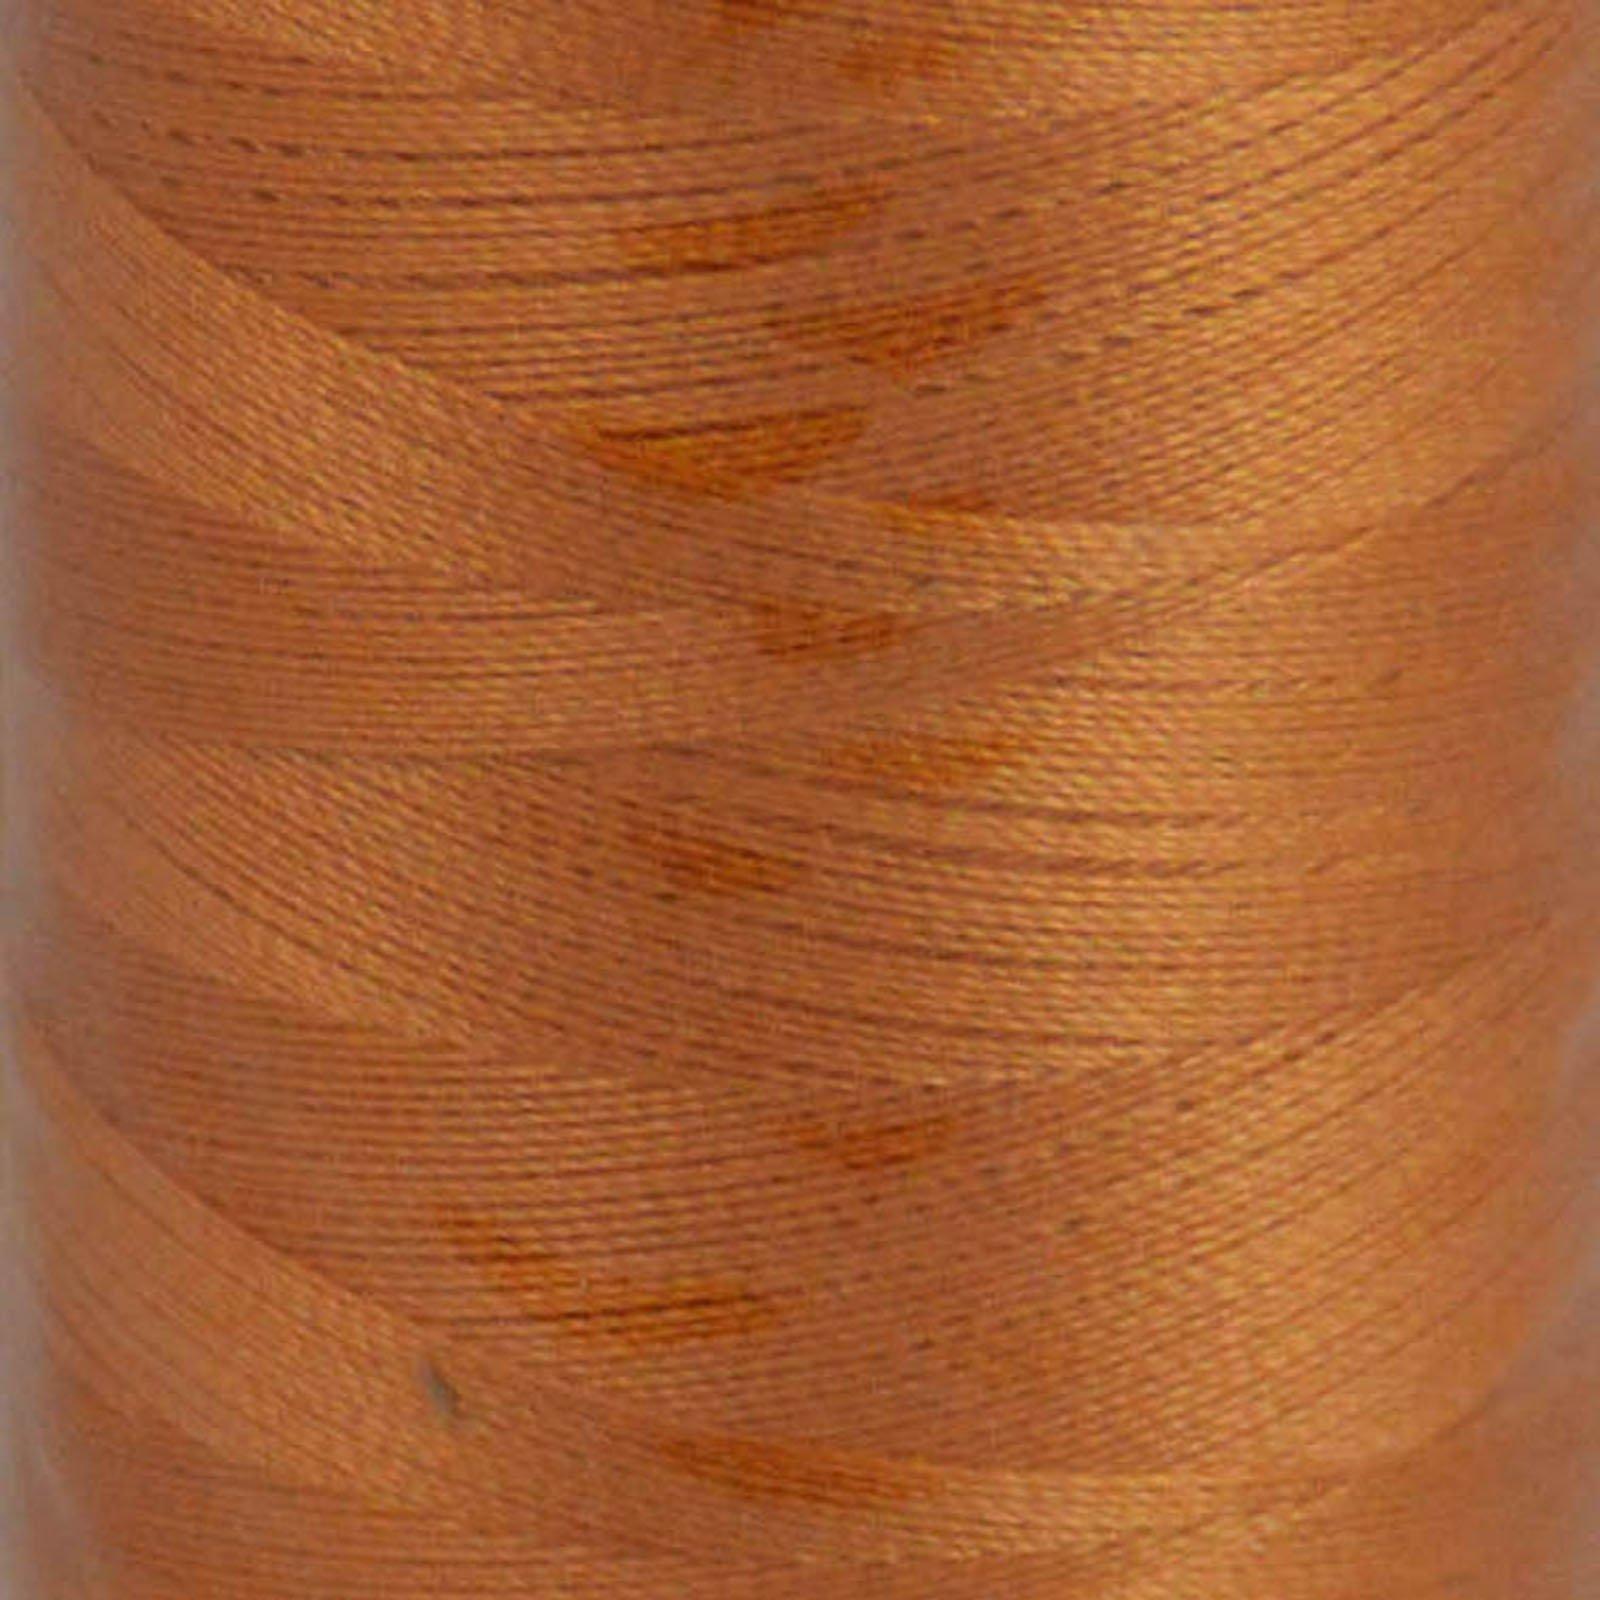 # 5009 Medium Orange